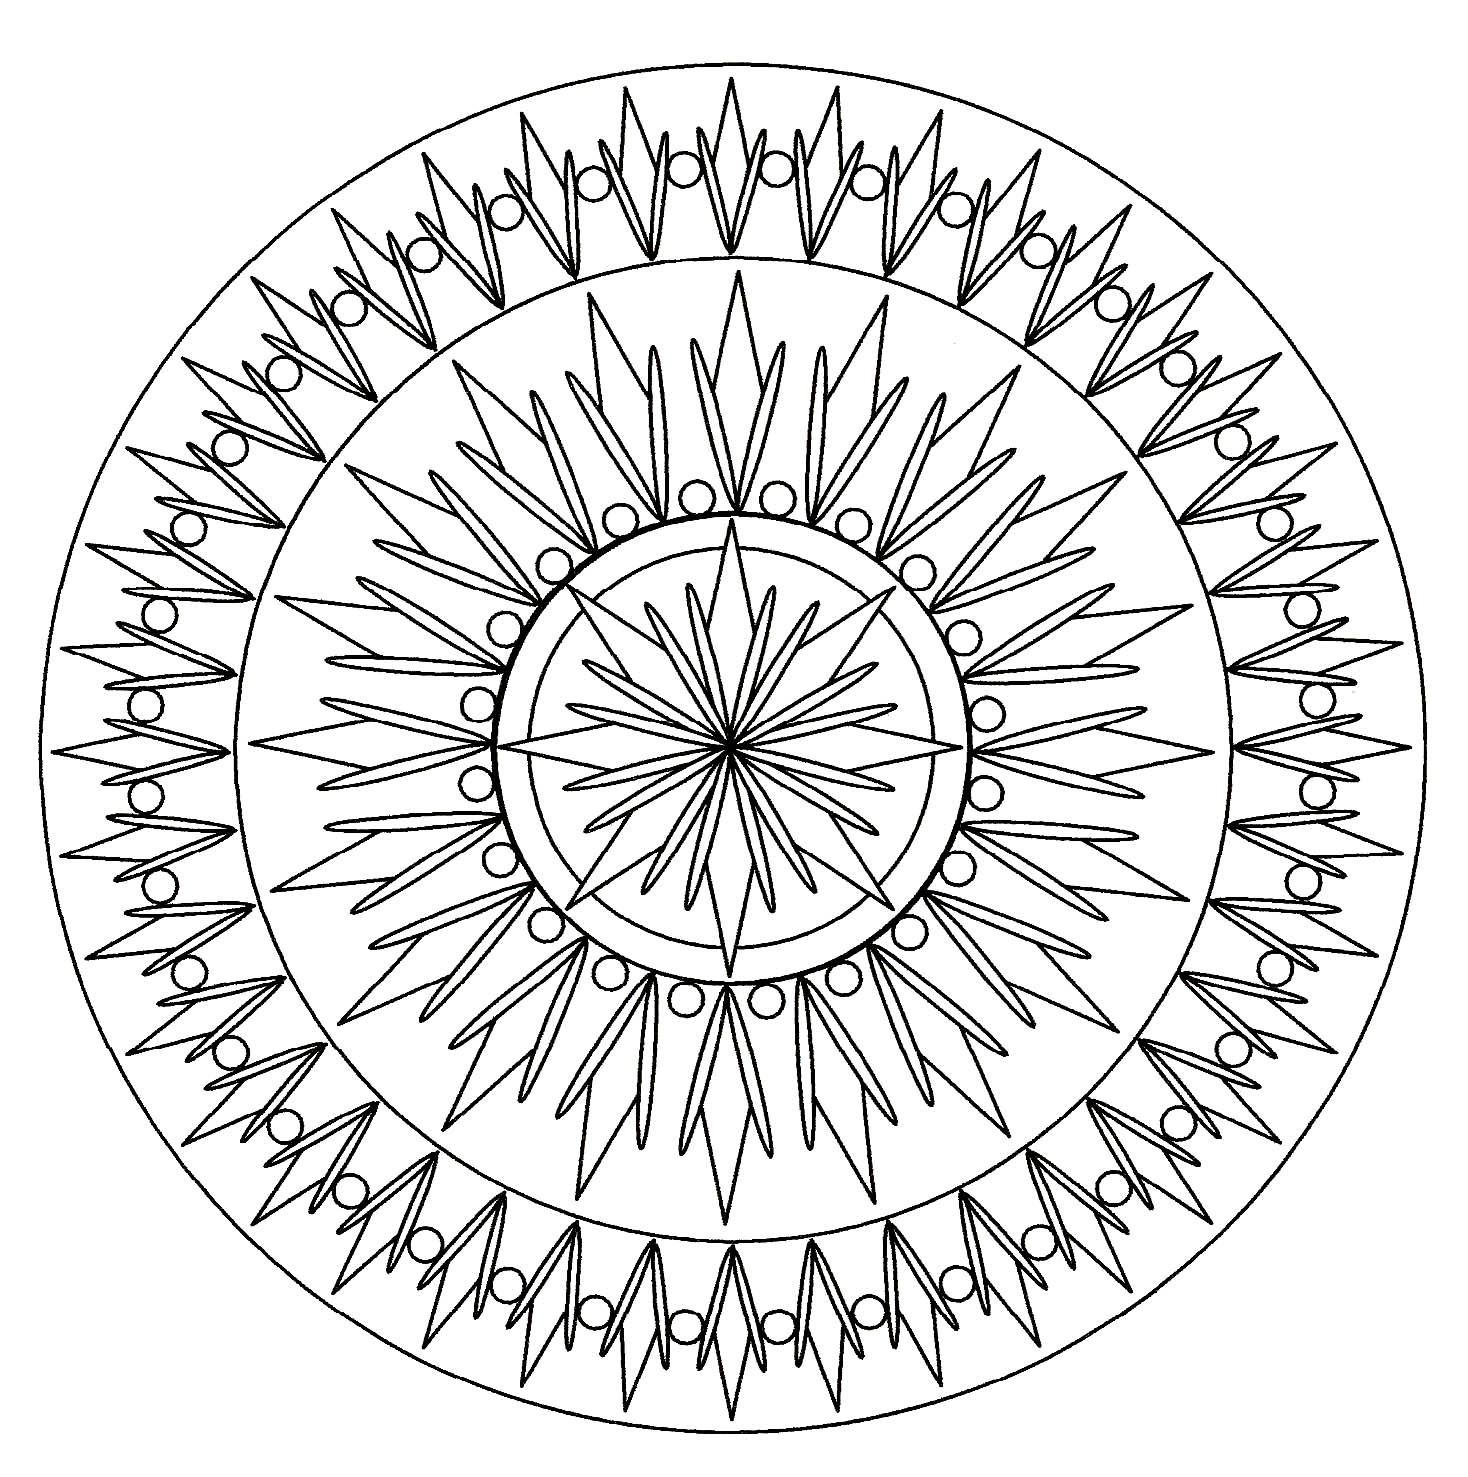 Coloriage Facile Soleil.Mandala Soleil Mandalas De Difficulte Normale 100 Mandalas Zen